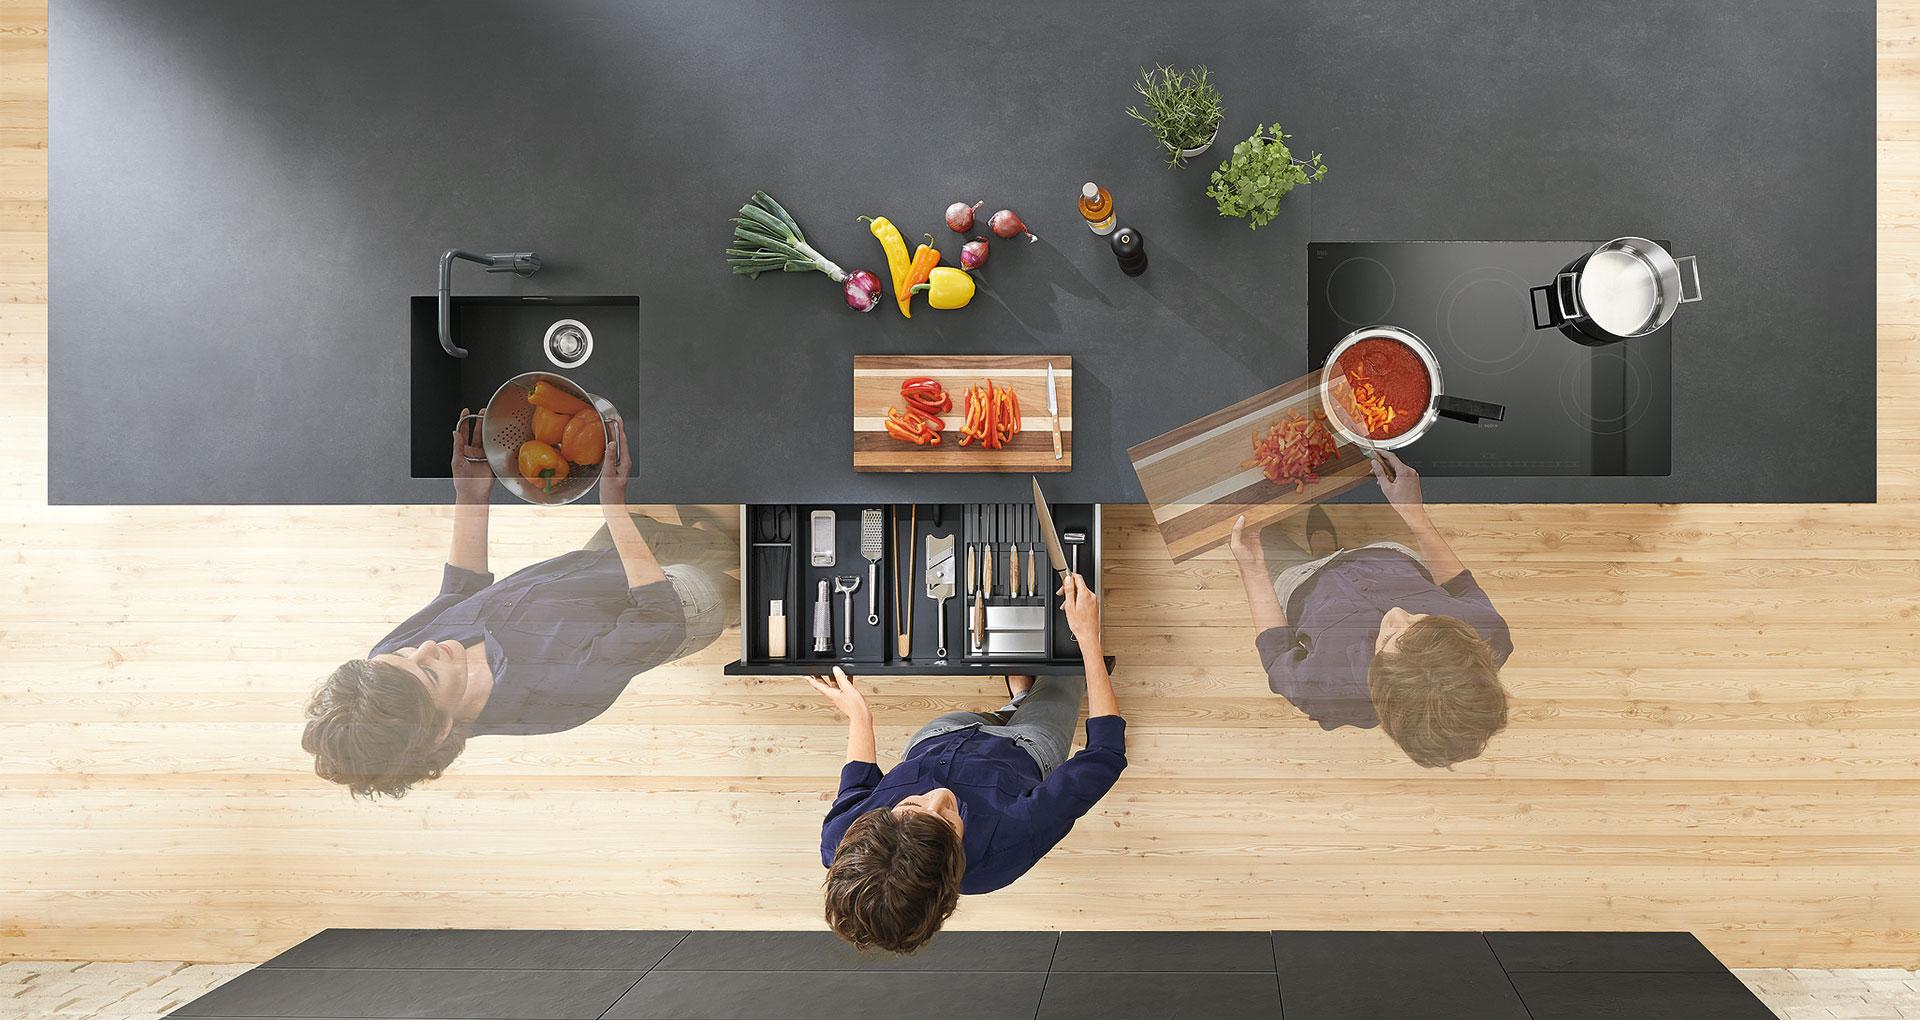 Робота на кухні – це послідовність процесів, які повторюються щодня. Щоб організувати все максимально просто, слід продумати все ще під час проектування